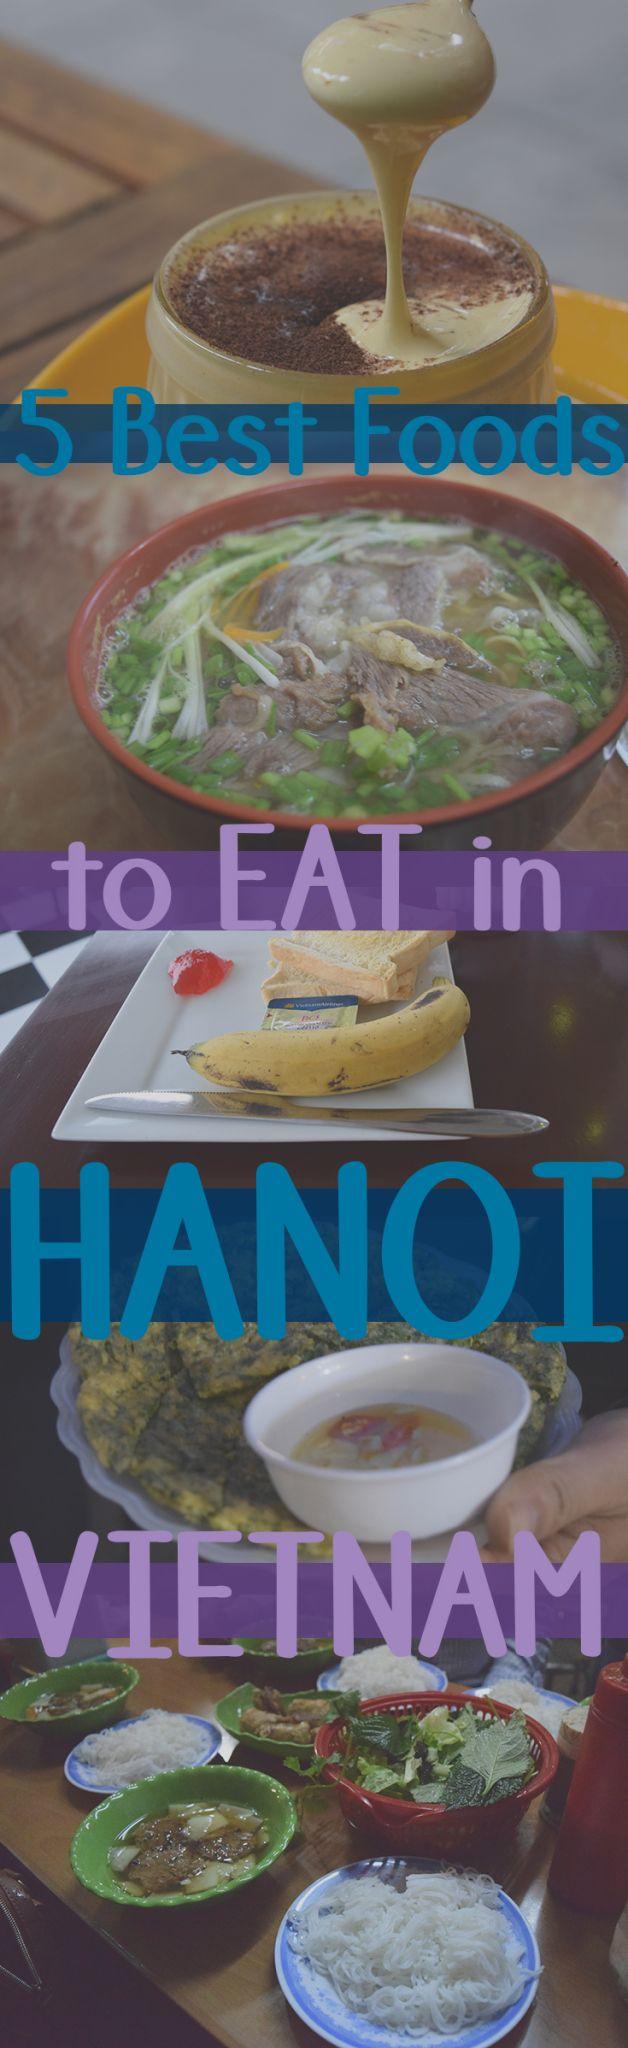 5 Best Foods in Hanoi, Vietnam  http://communicationisdifficult.com/2015/11/09/5-best-foods-in-hanoi-vietnam/